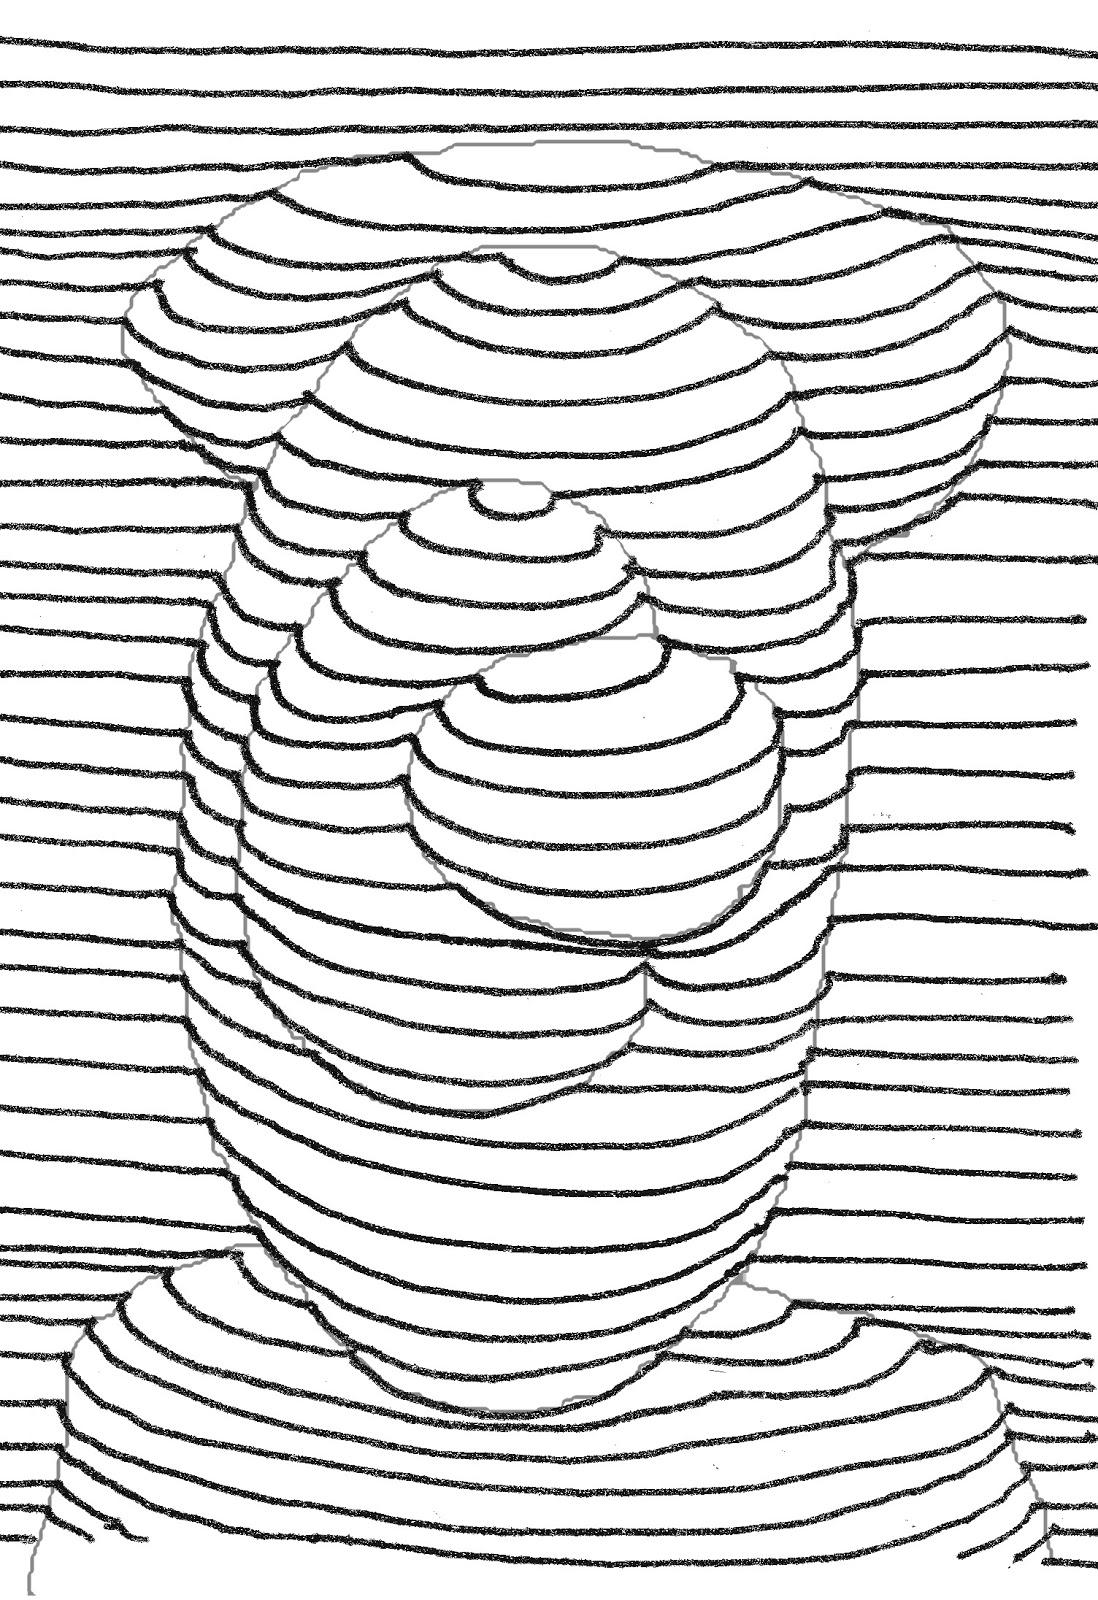 de dibujo artstico y color Generacin de volumen mediante el uso